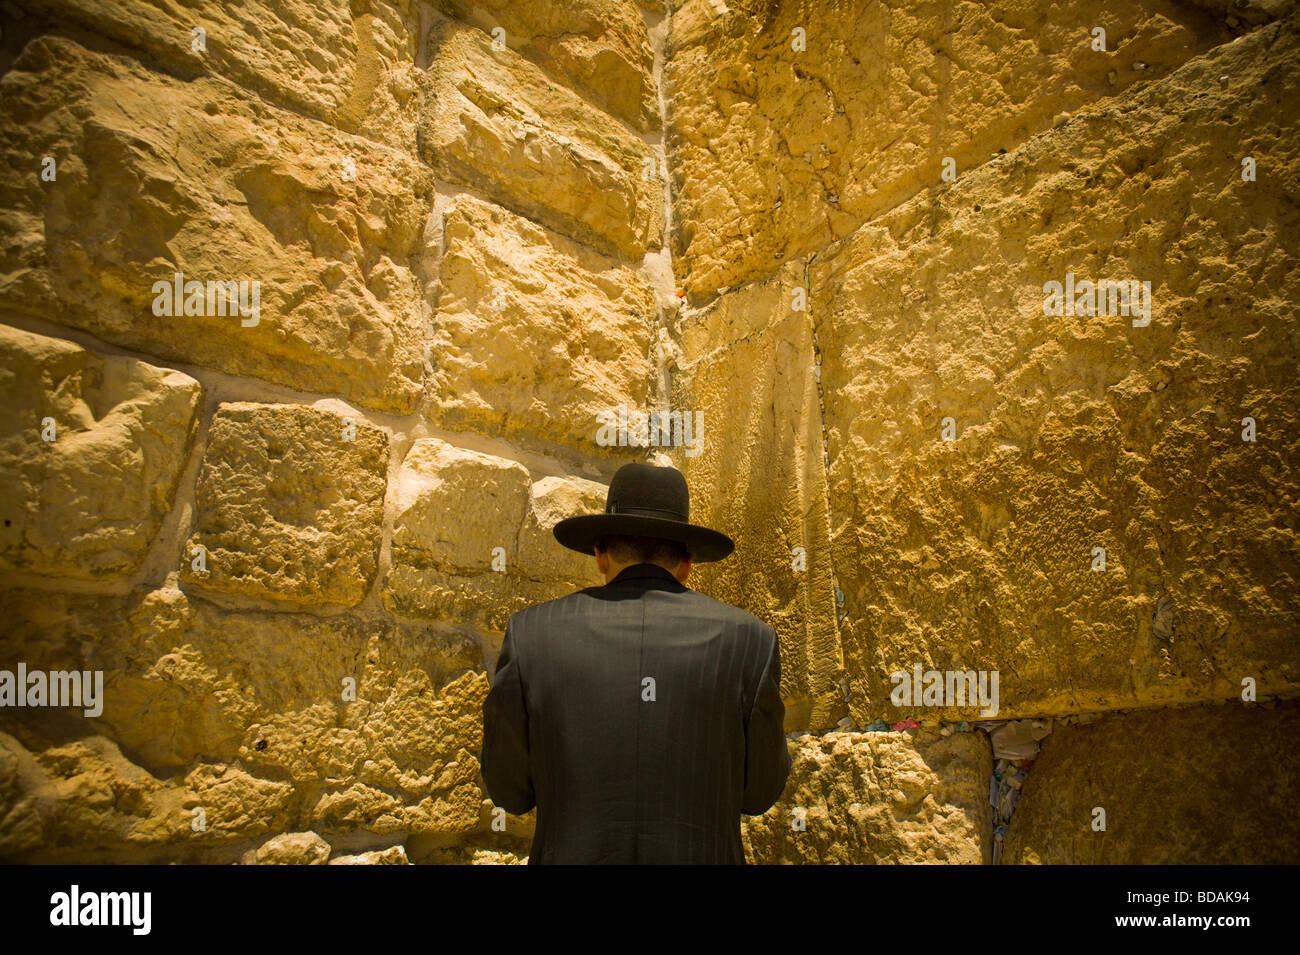 Un uomo in preghiera al Muro del Pianto a Gerusalemme Immagini Stock